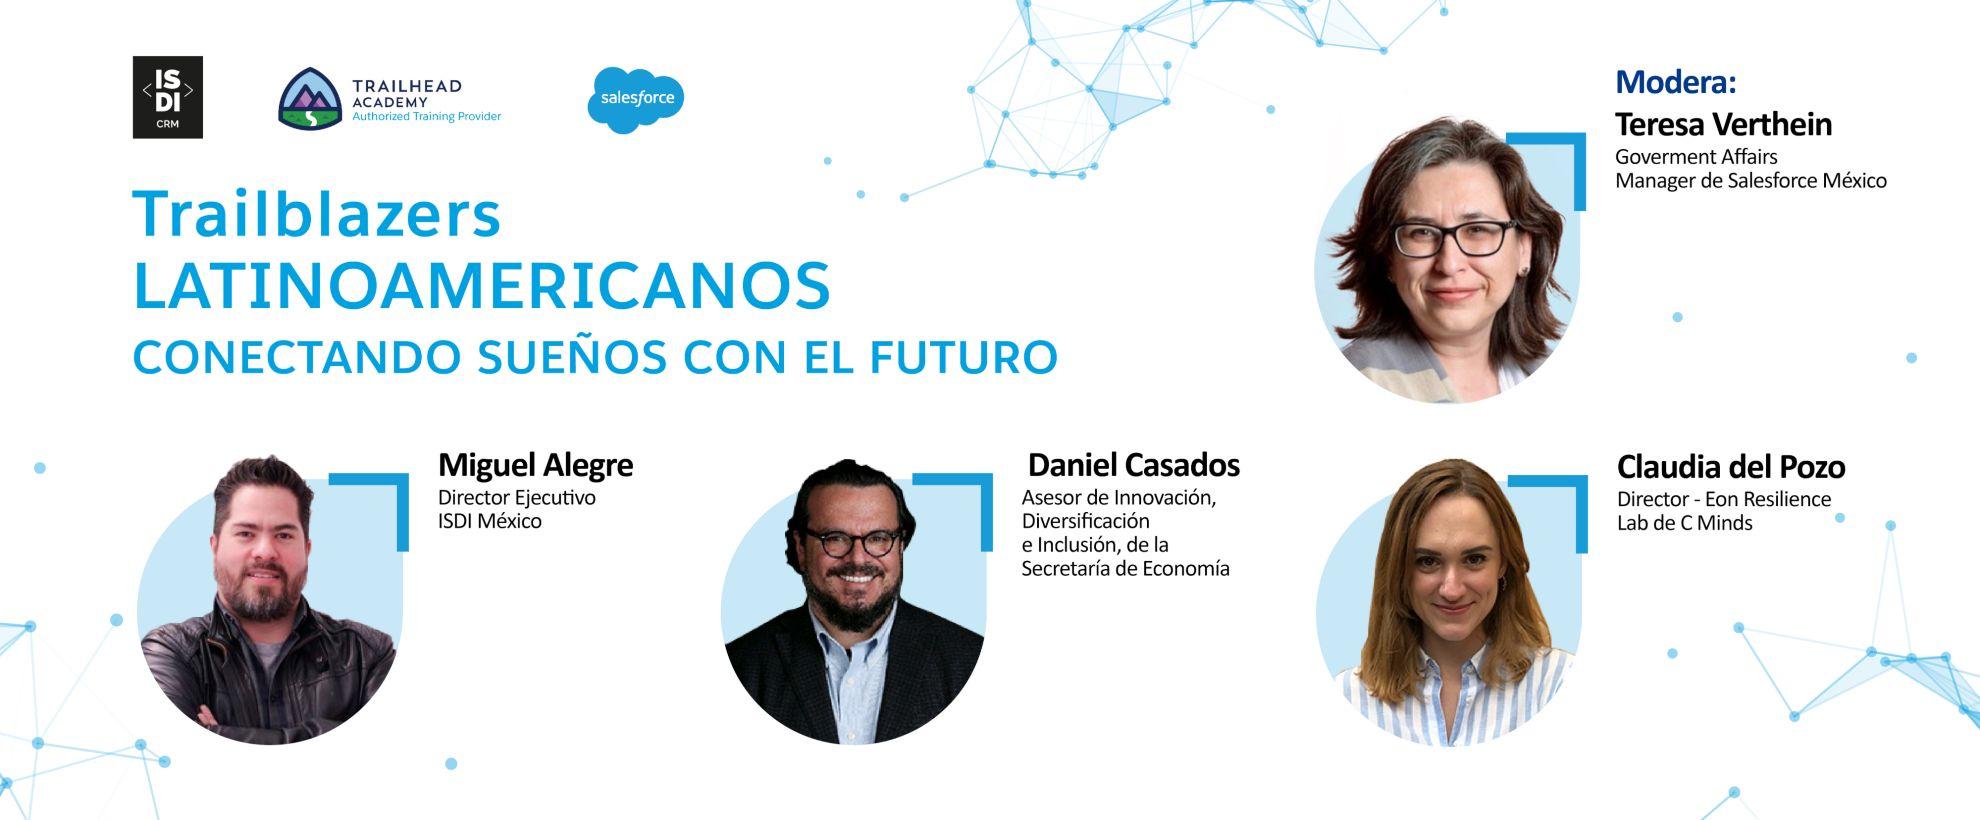 Impulsando el talento latinoamericano a través de la tecnología